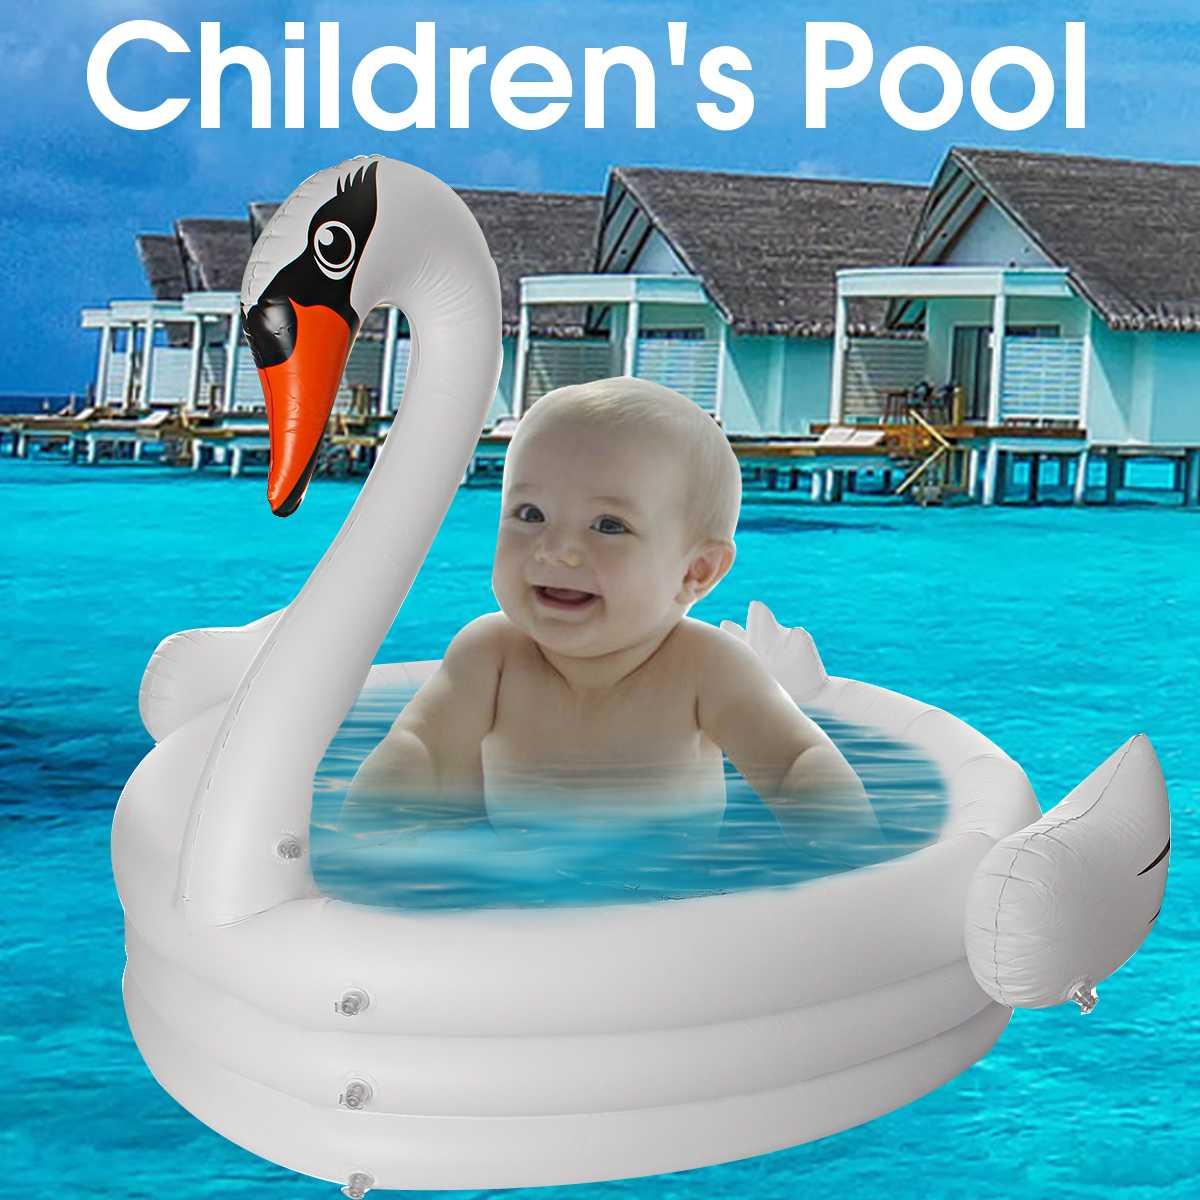 Été chaud grande piscine gonflable cygne pour adultes bébé enfants été pataugeoire piscine baignoire cercles flotteur piscine jouets